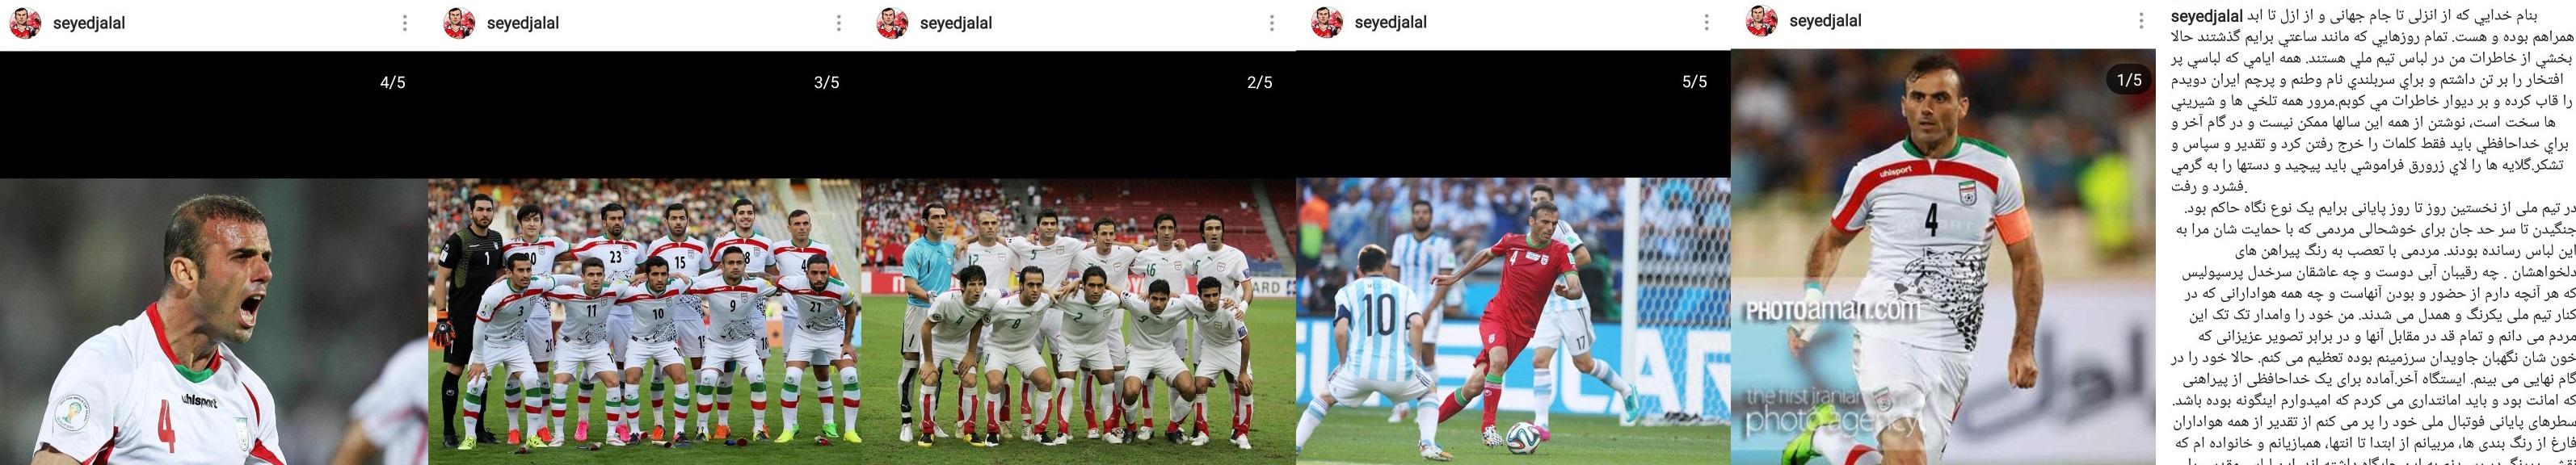 خداحافظی کاپیتان پرسپولیس از بازیهای ملی